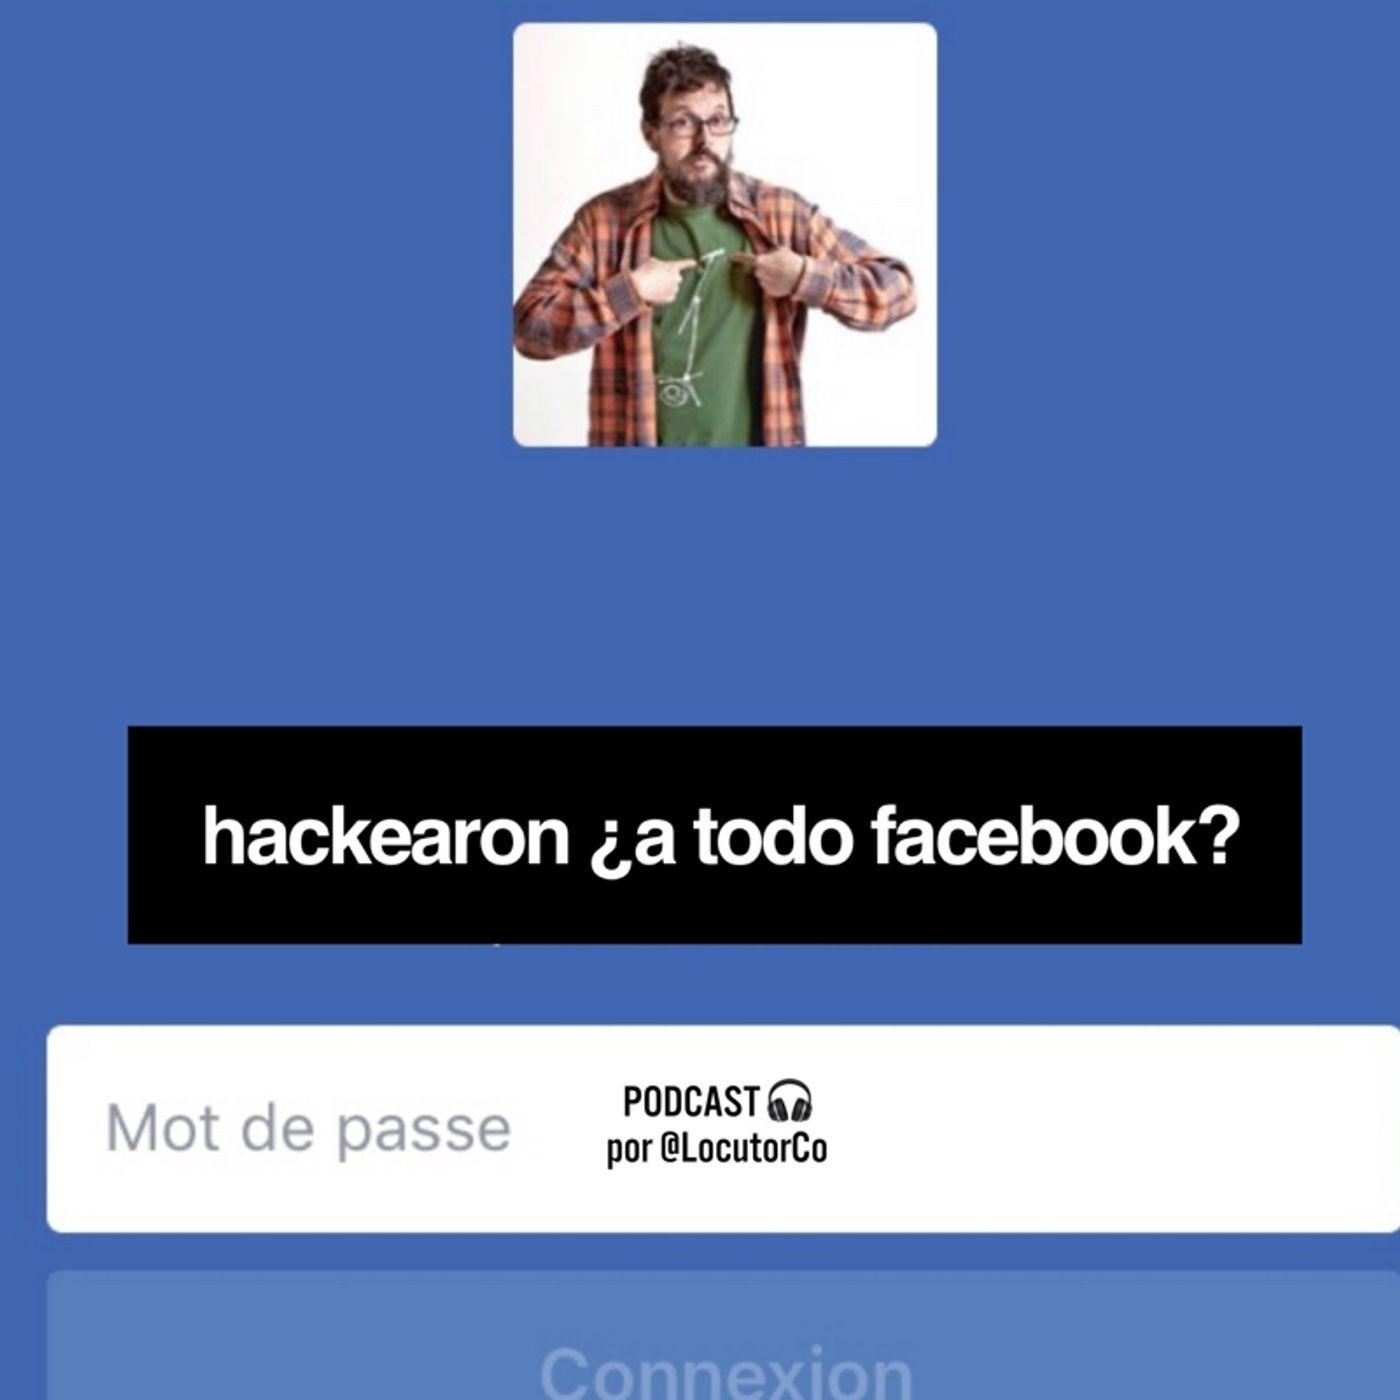 Hackearon ¿A todo Facebook?